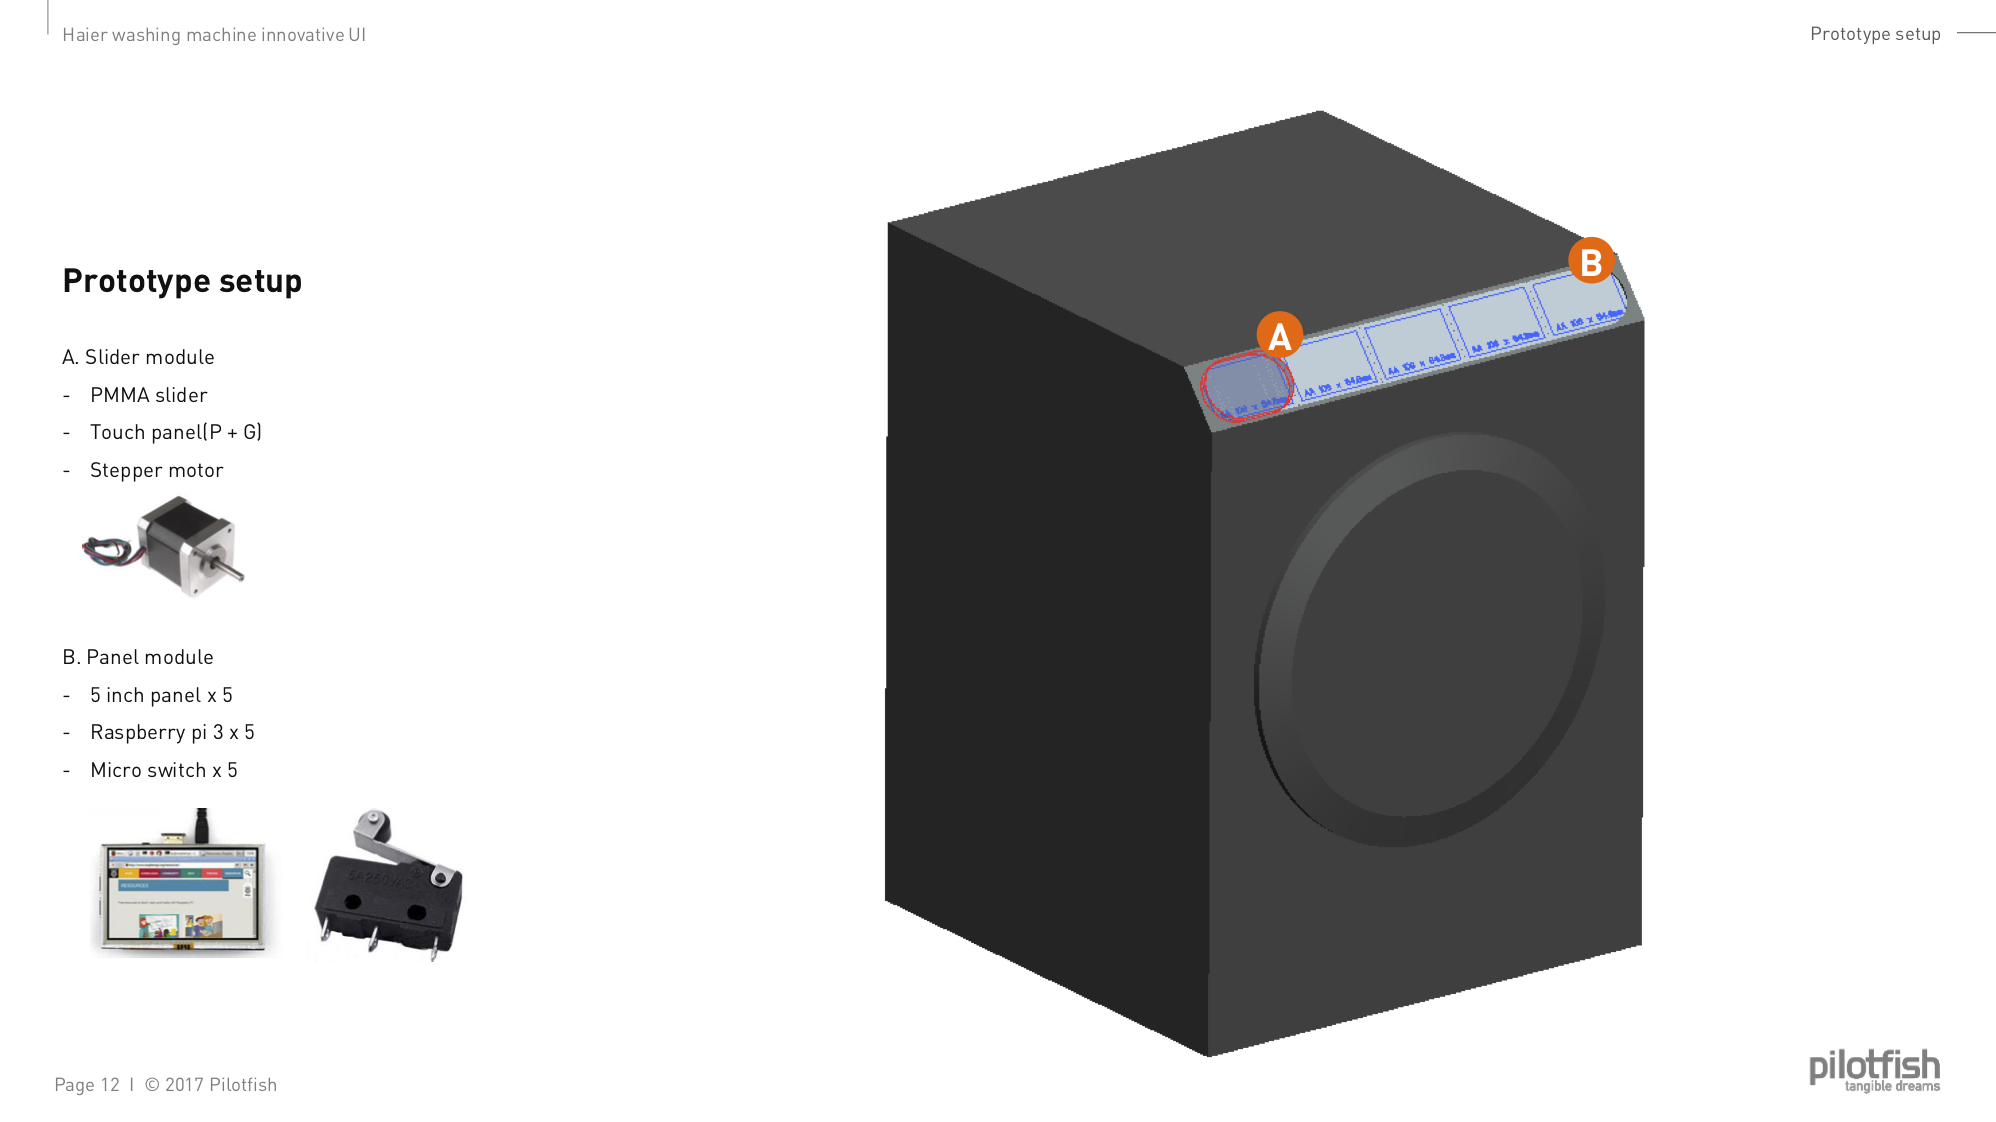 20170831_Haier washing machine_interactive prototype setup_IH_12.jpg